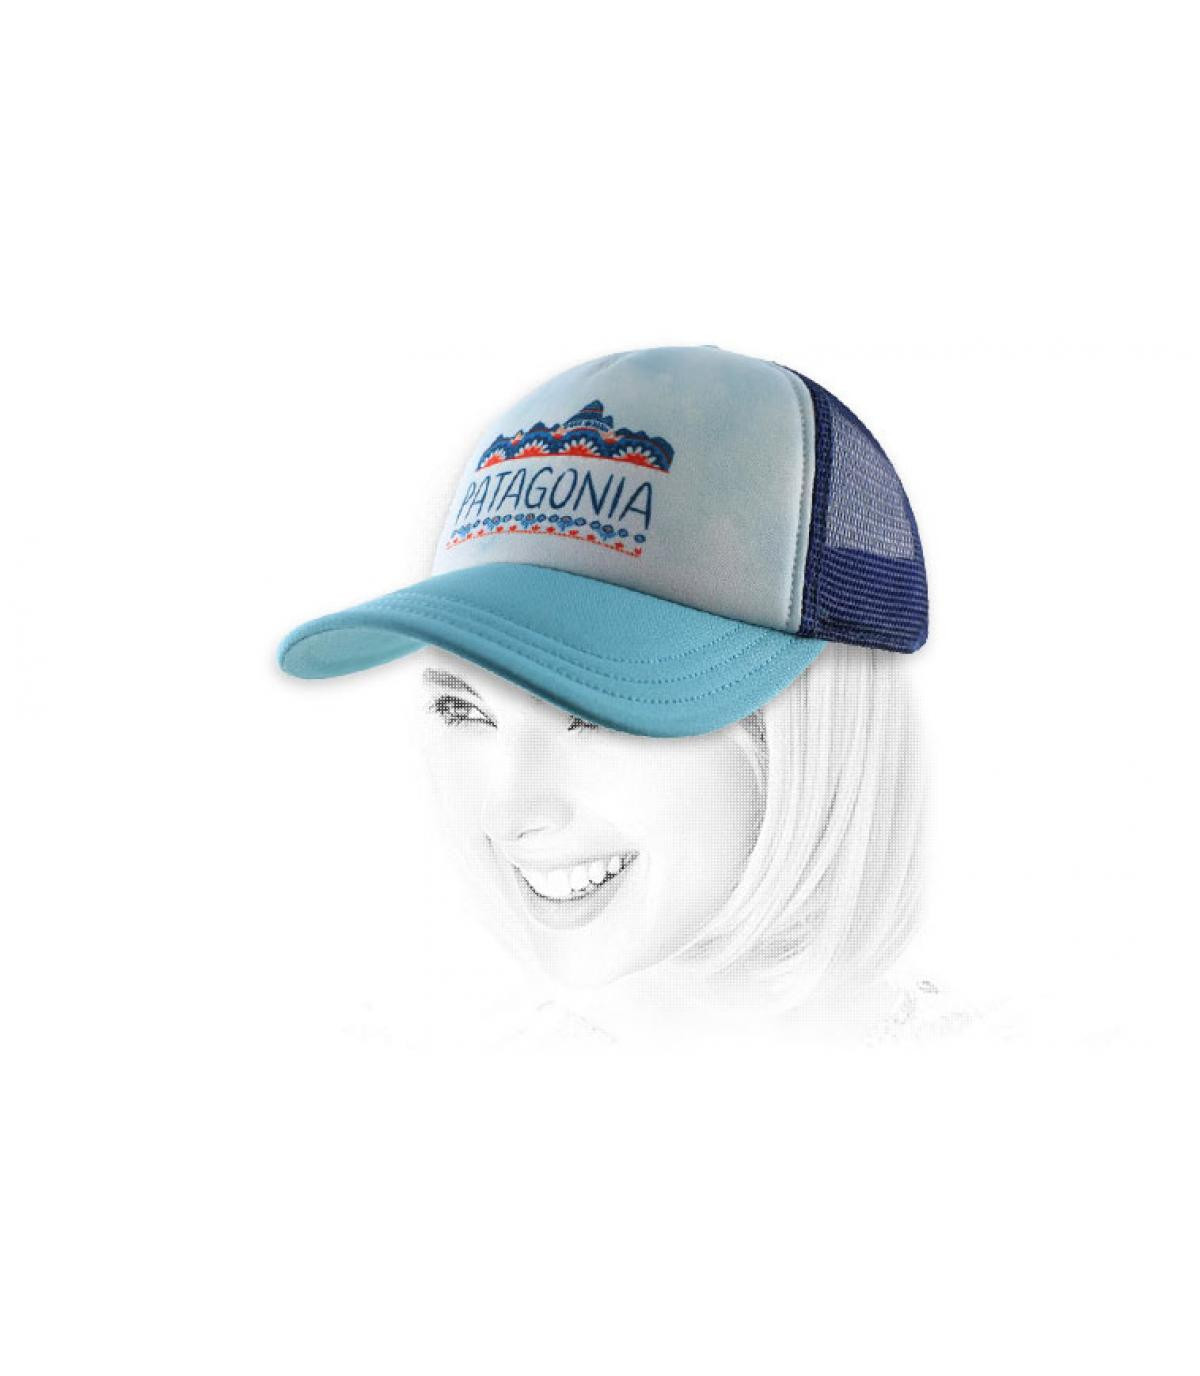 Patagonia cap blue vrouw